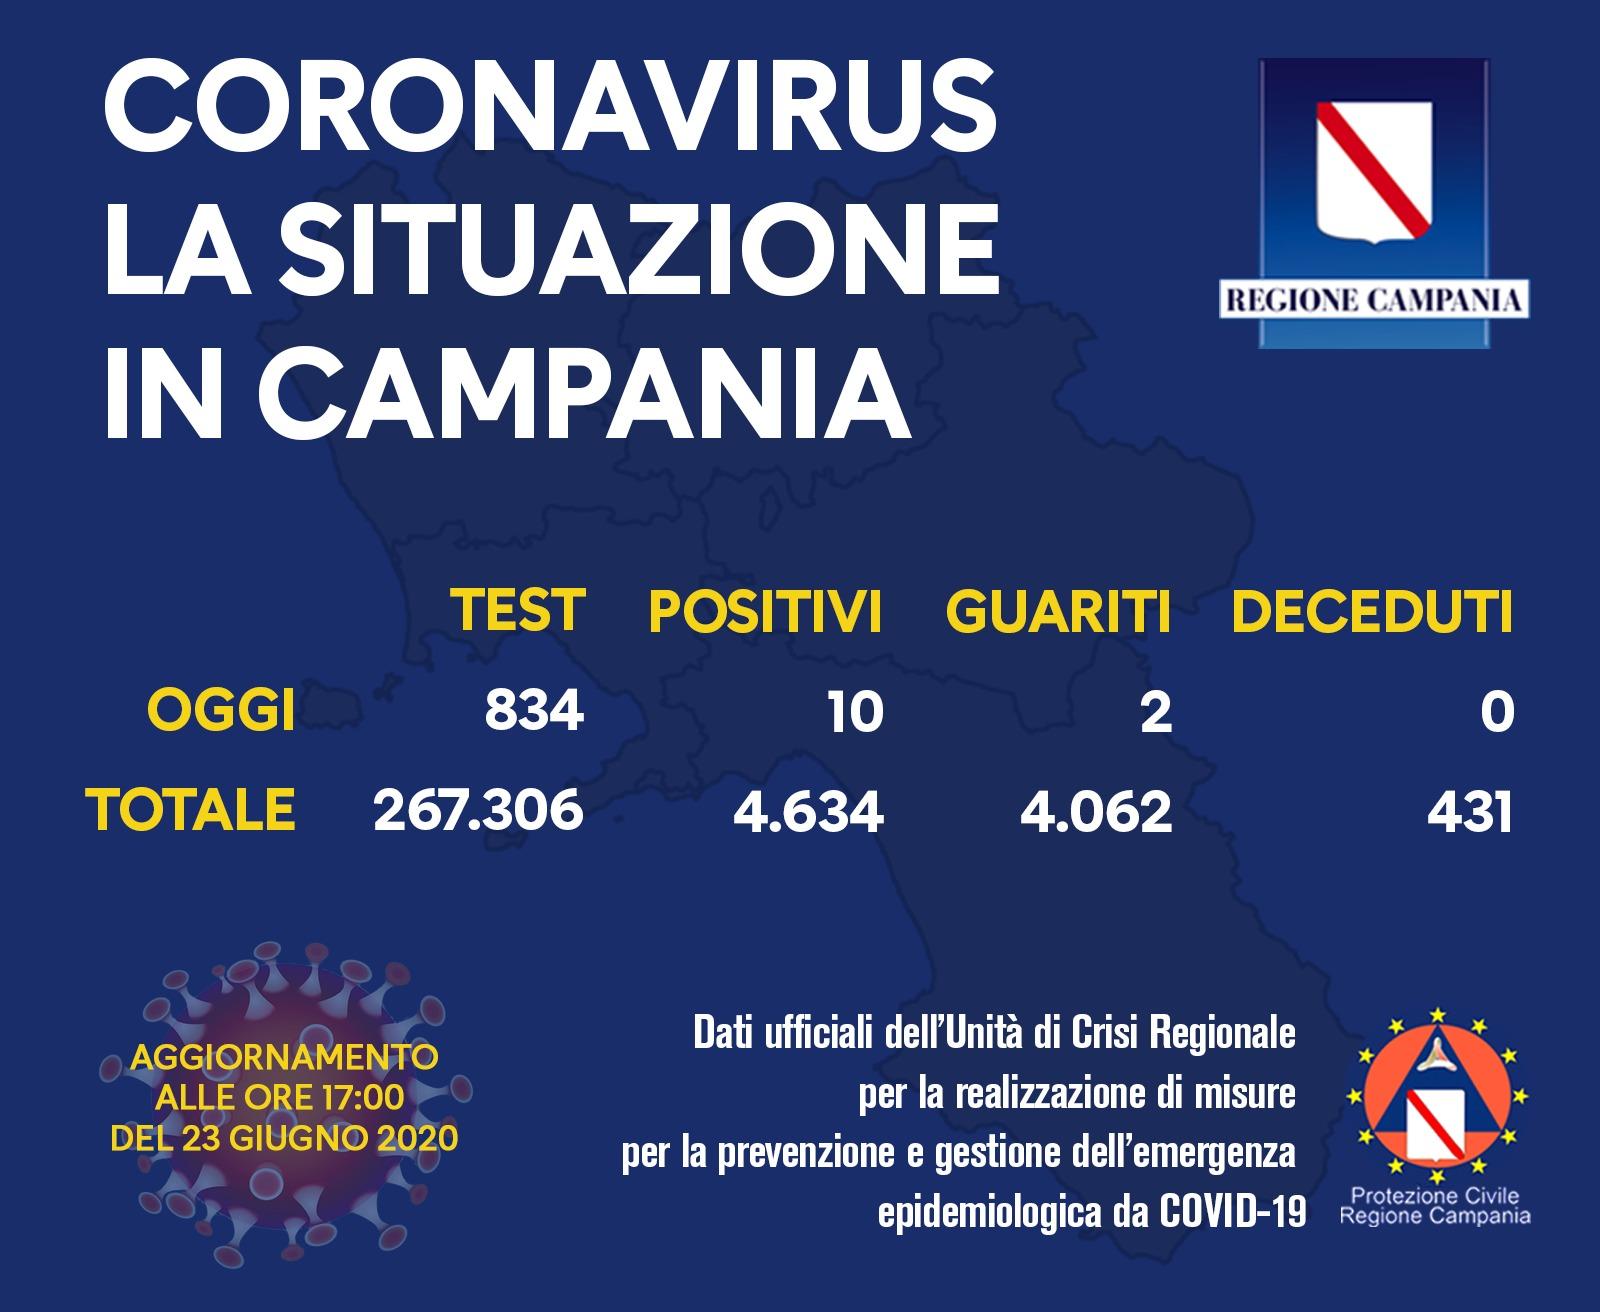 Covid19, in Campania i casi salgono a 10: i focolai tra il casertano e il napoletano